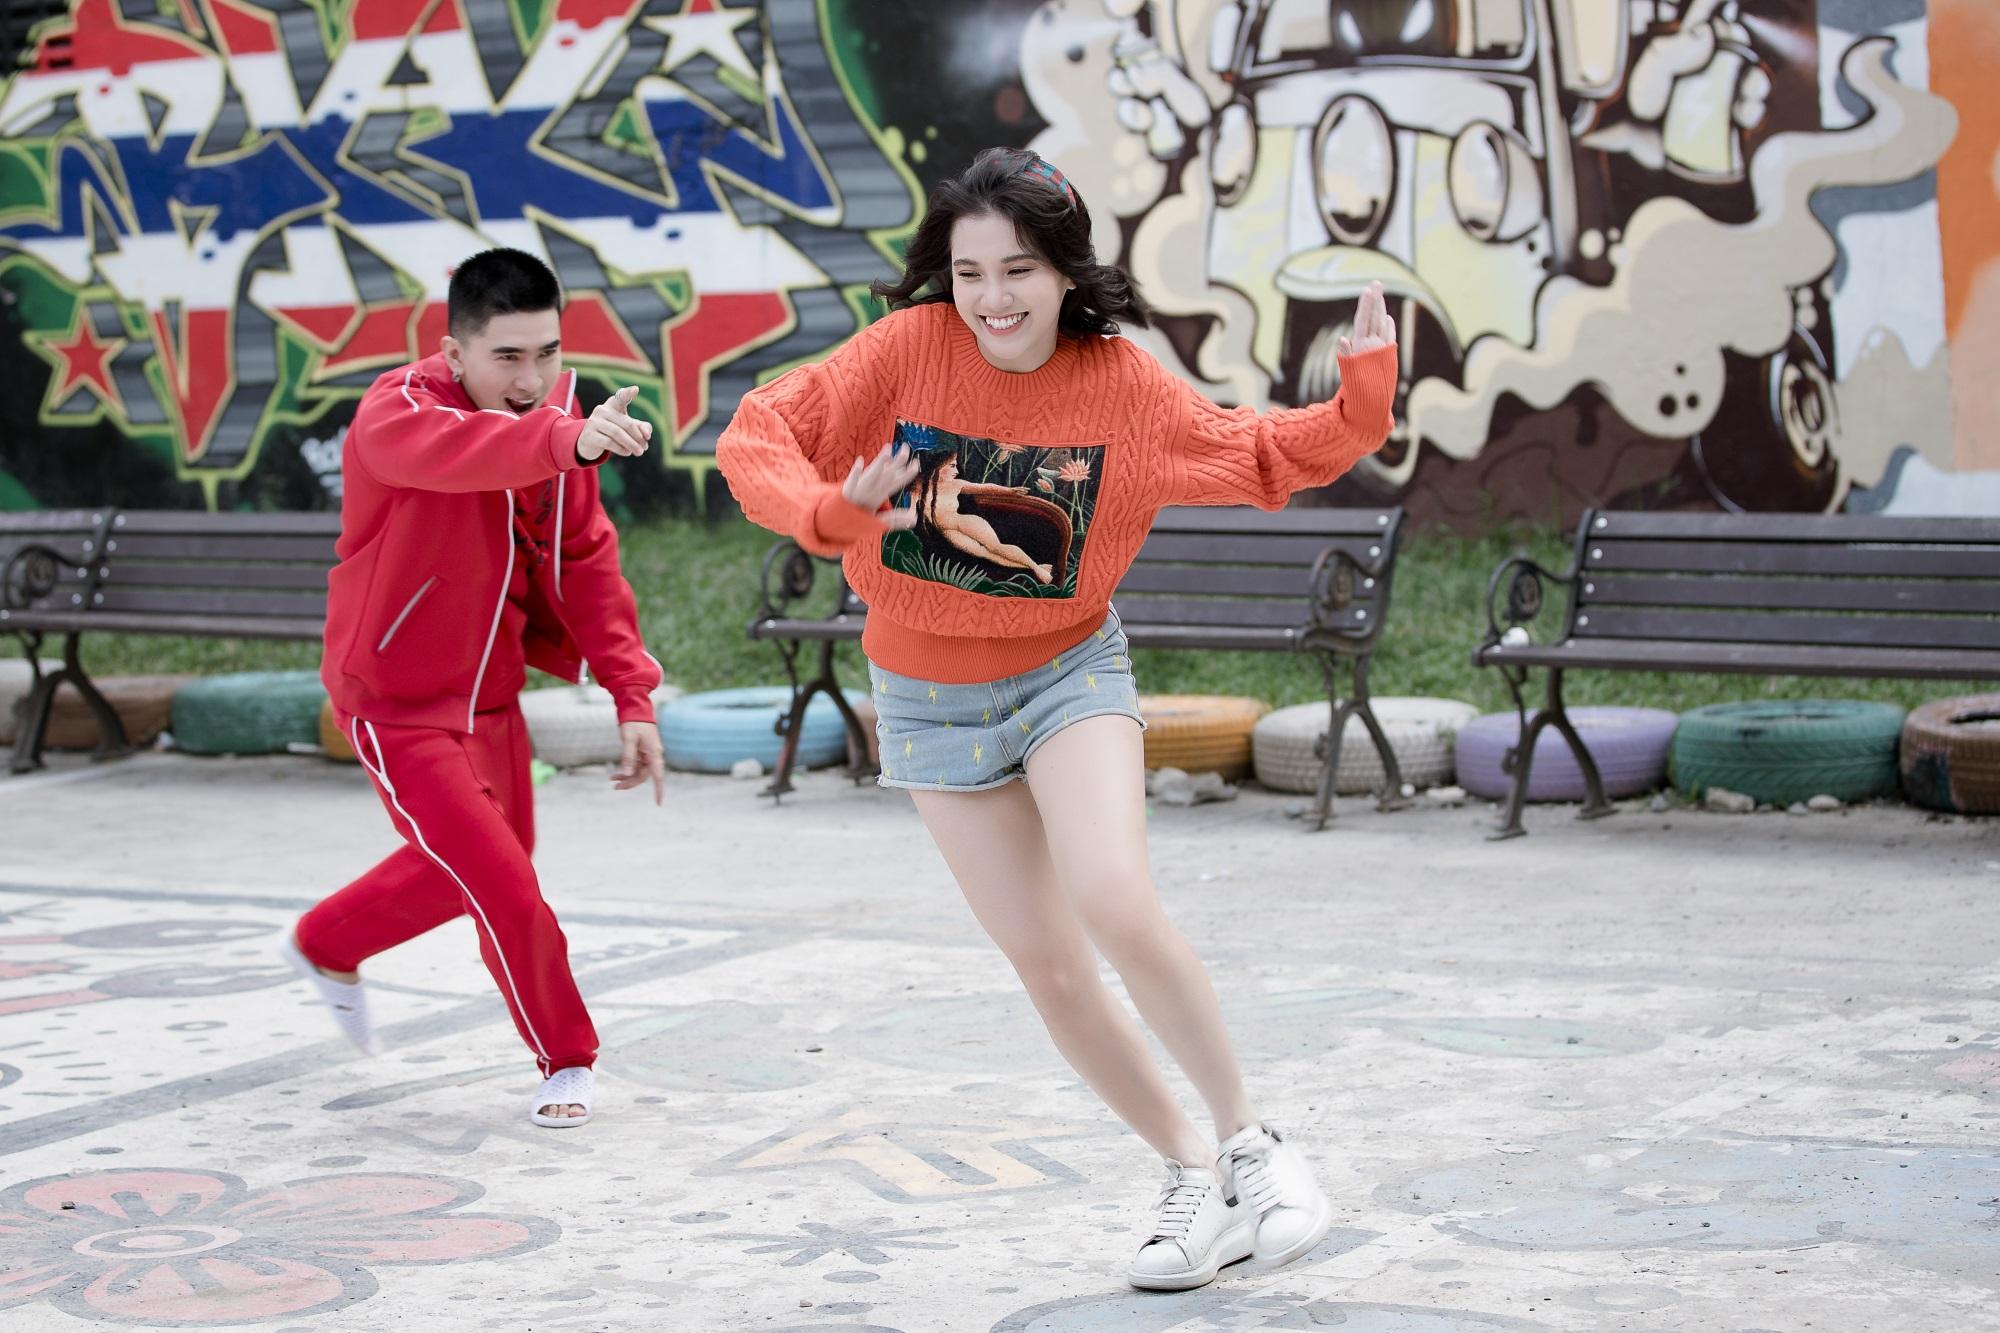 Chi Dân hé lộ hậu trường 'siêu bựa' tặng fans sau khi MV mới ra mắt được ủng hộ nhiệt tình - Ảnh 4